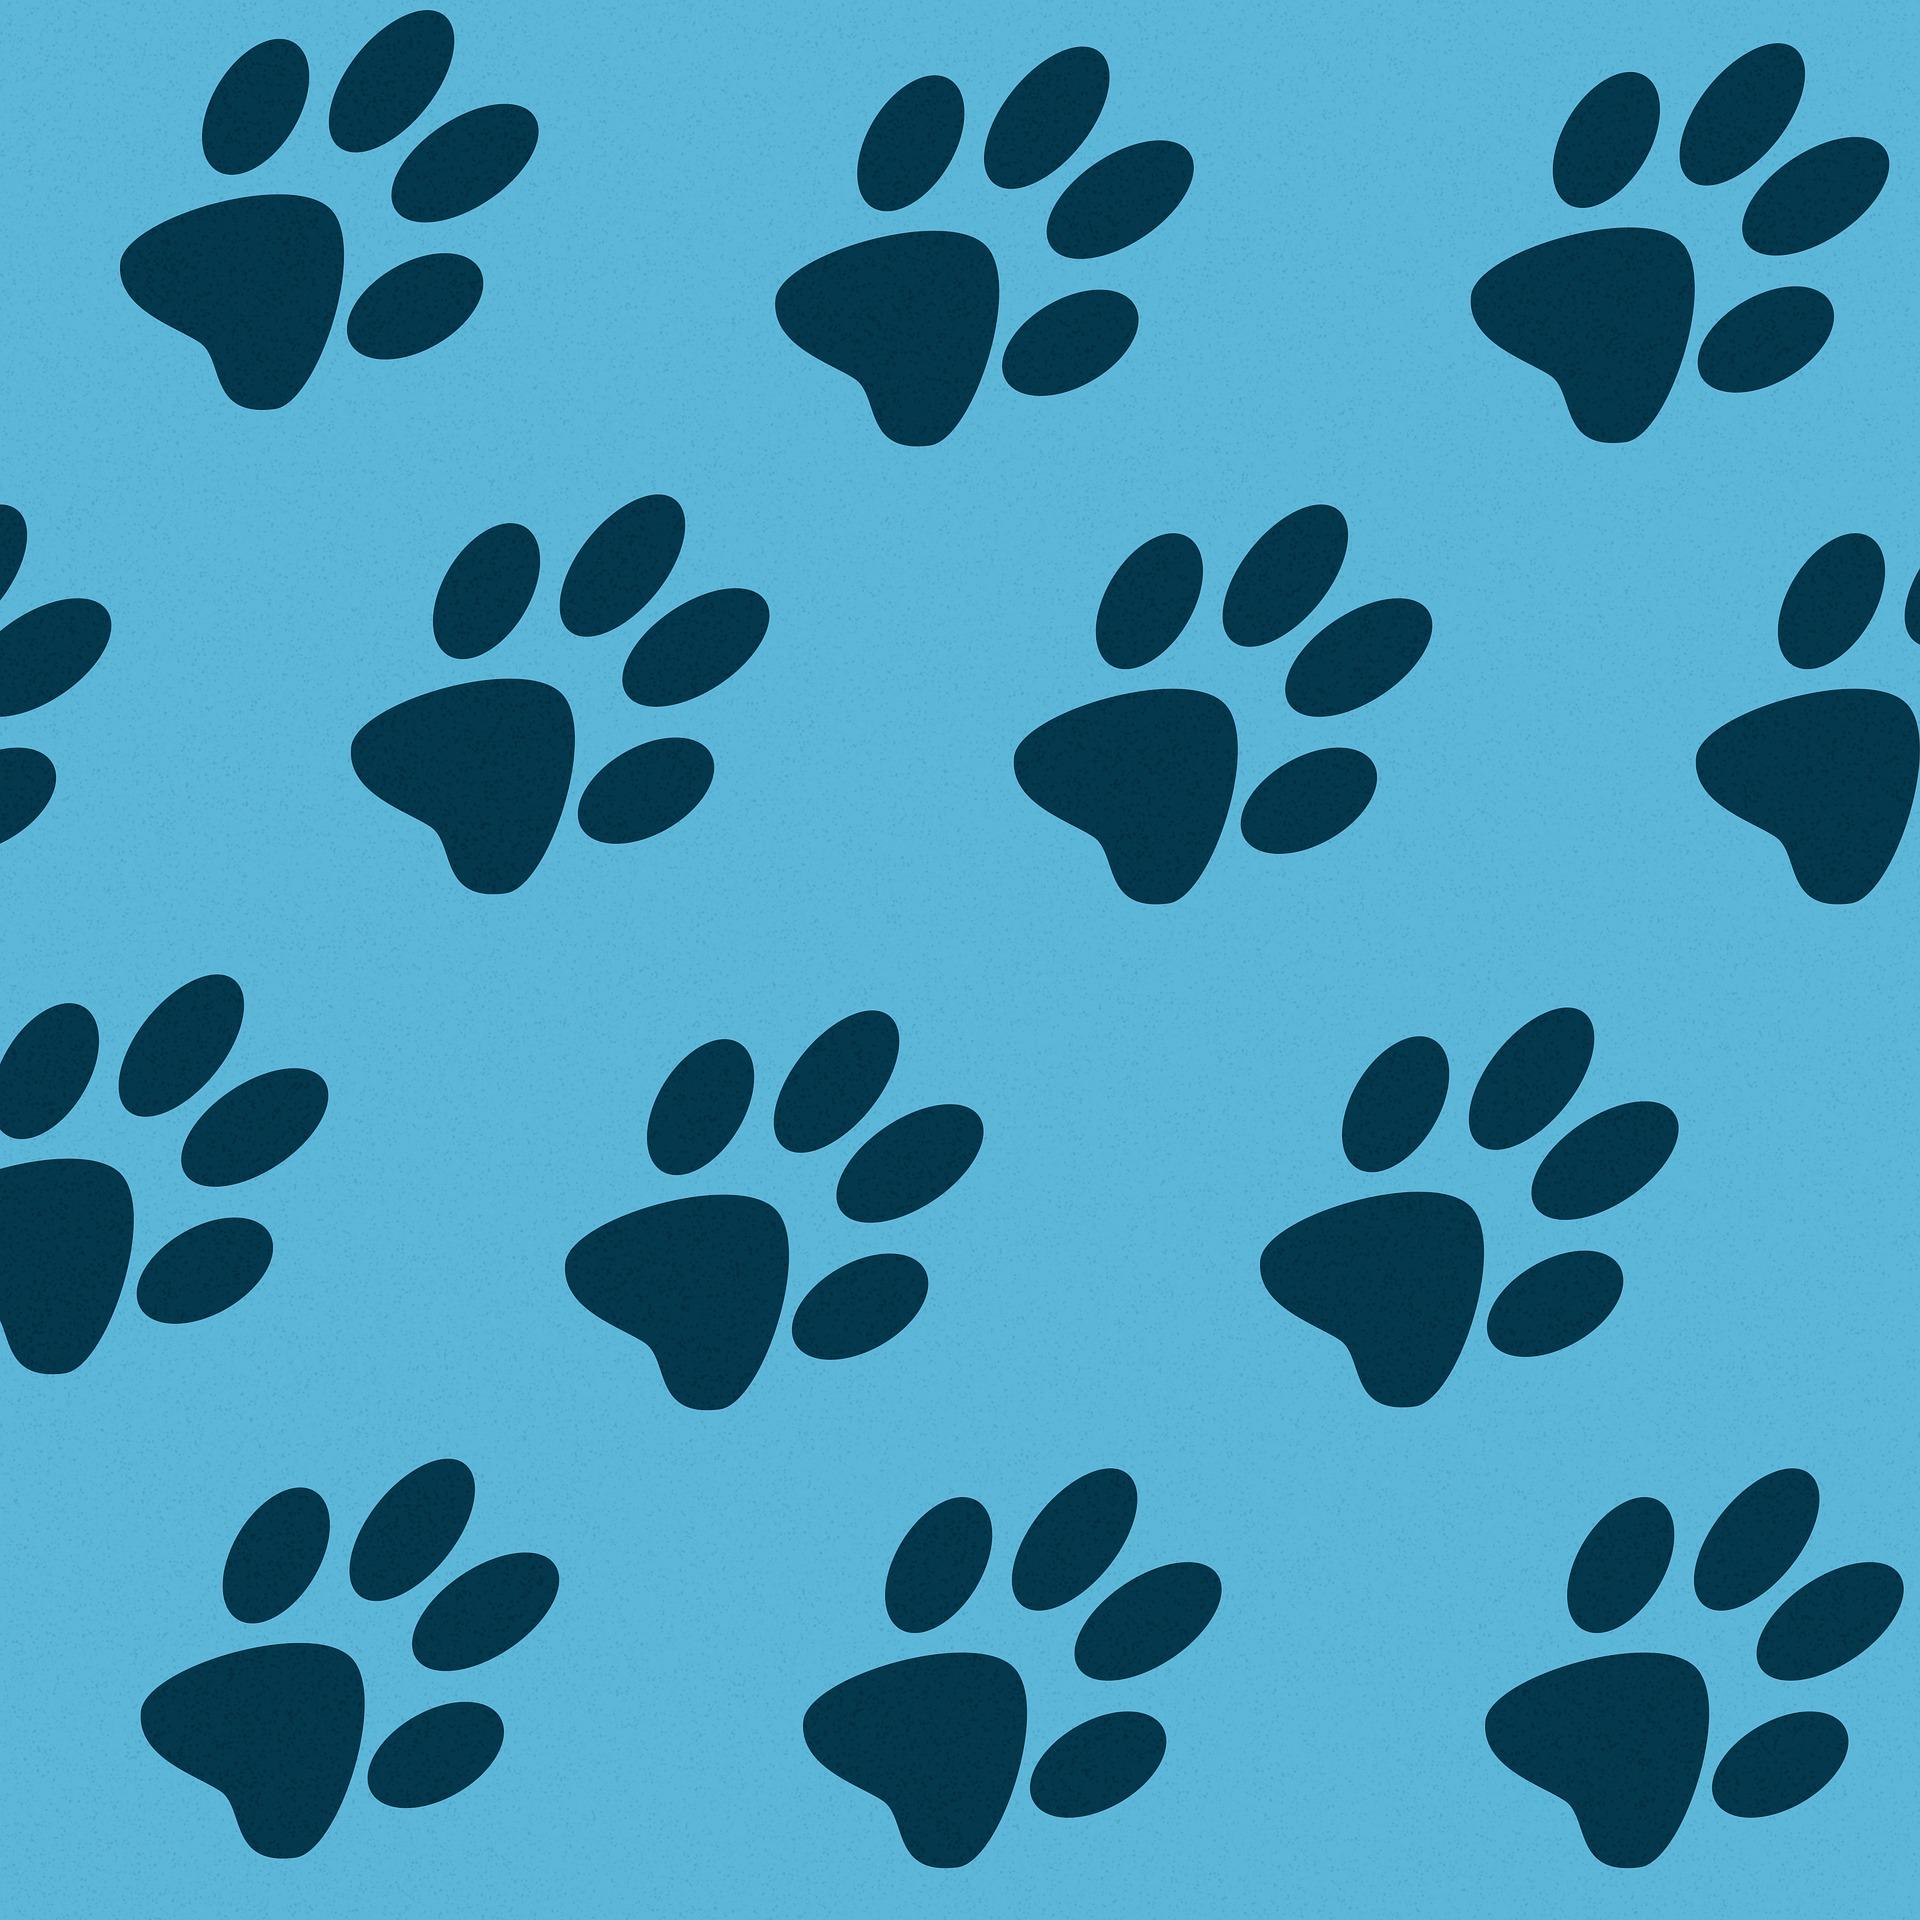 愛犬の皮膚や肉球、乾燥を放置すると危険?状態の確認や、ケアの方法とは?